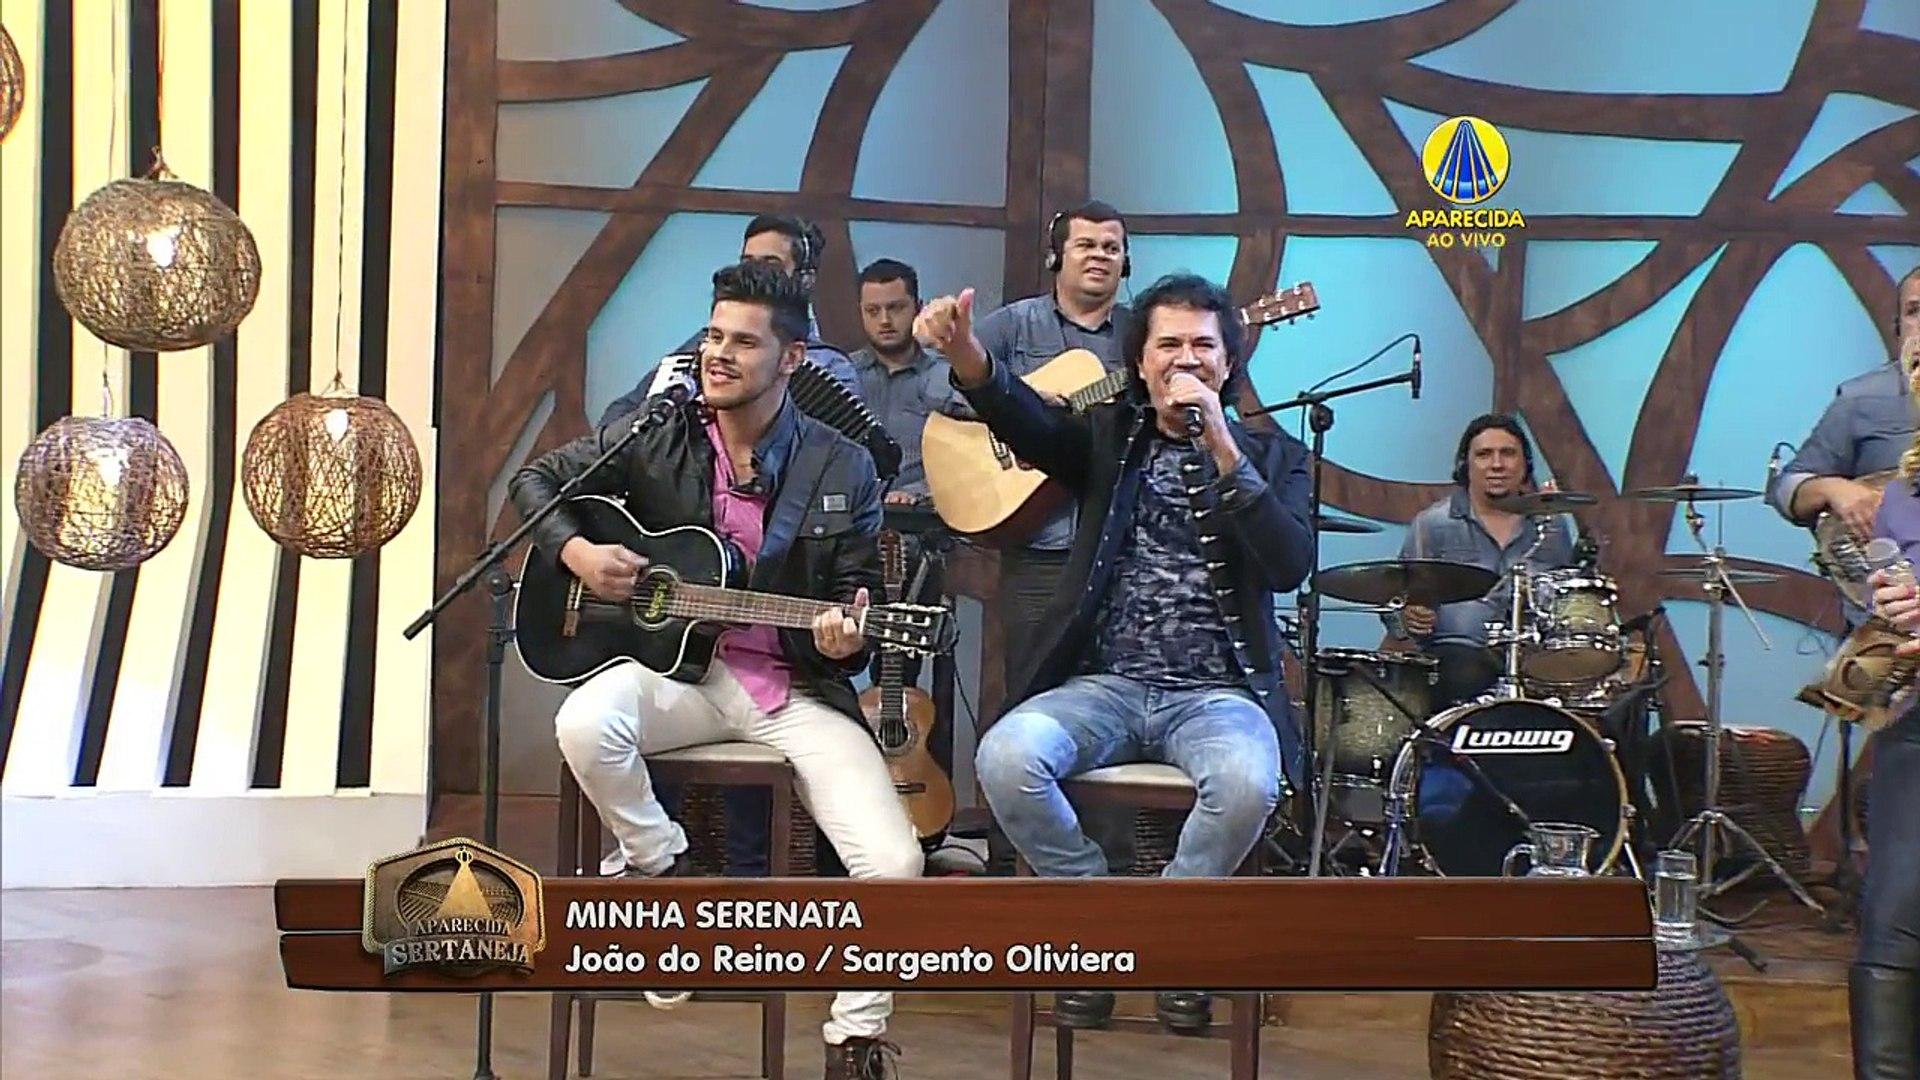 Aparecida Sertaneja Mariano e Adriano - Minha Serenata - 07 de Junho de 2016